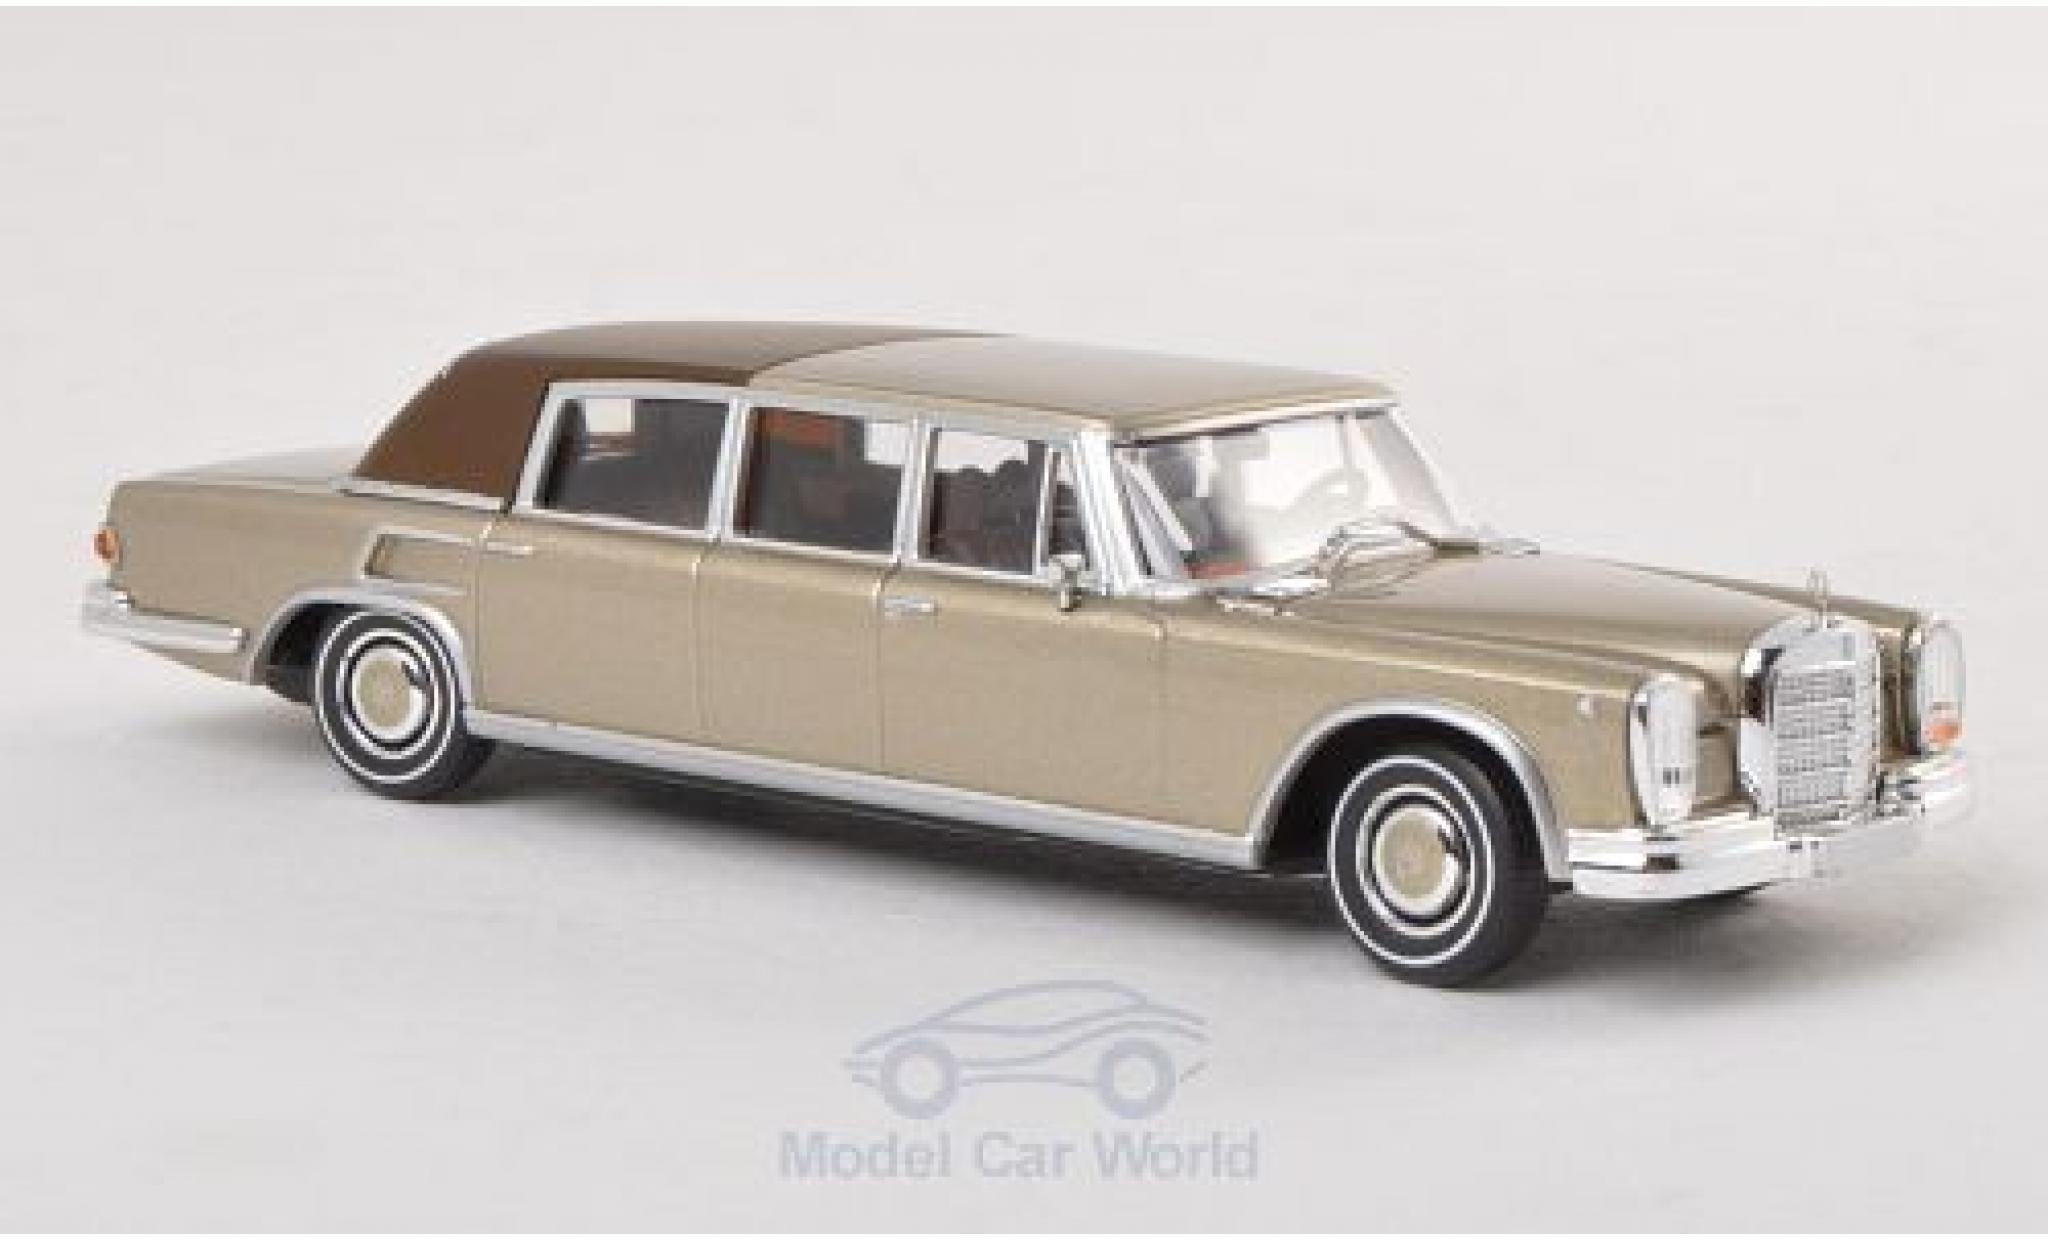 Mercedes 600 1/87 Brekina Landaulet gold Verdeck geschlossen